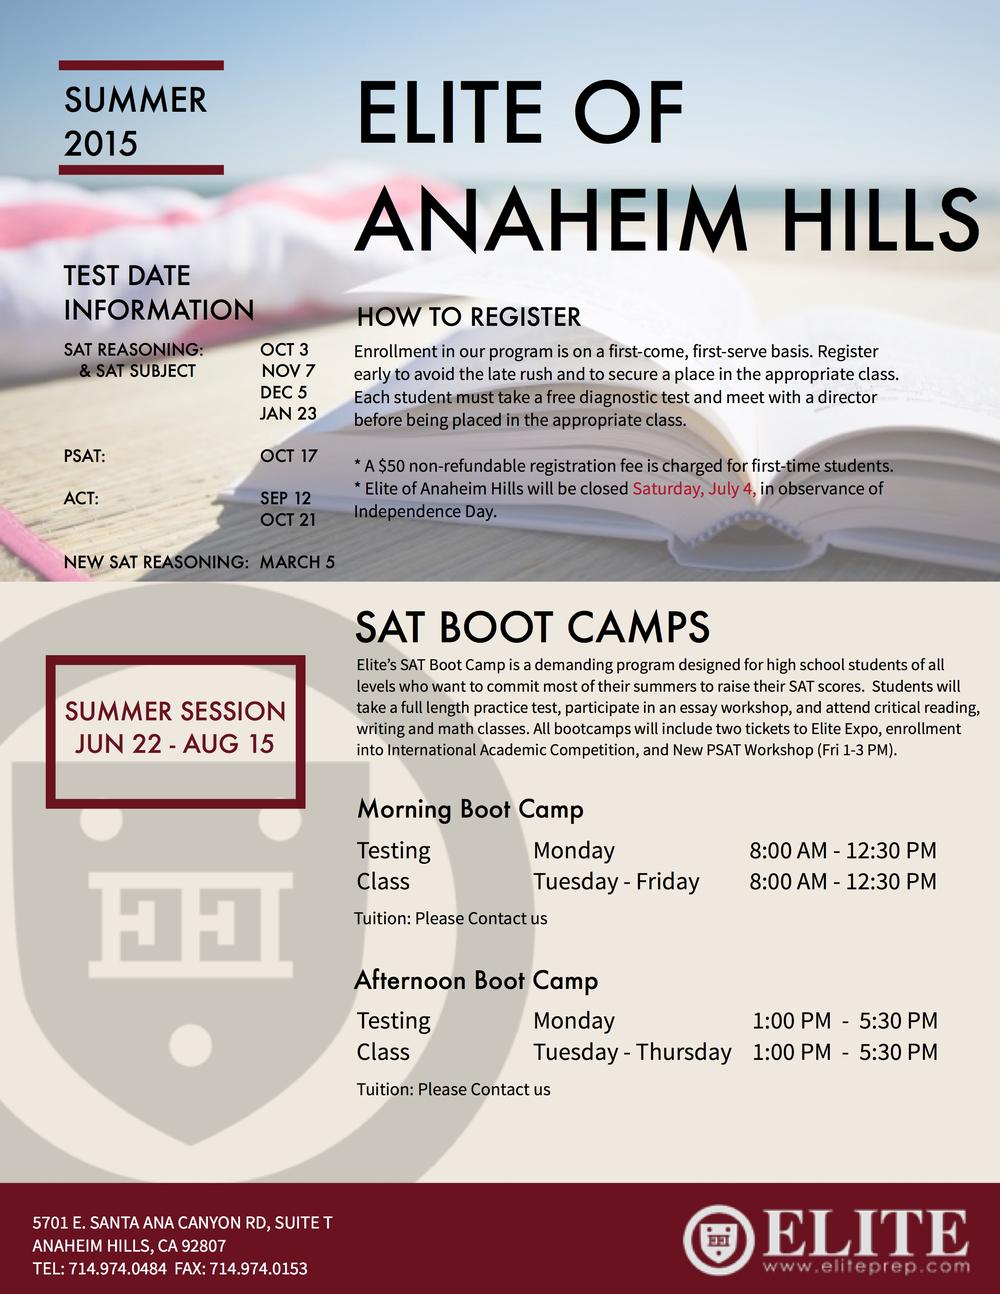 Anaheim Hills Summer 2015 Schedule »